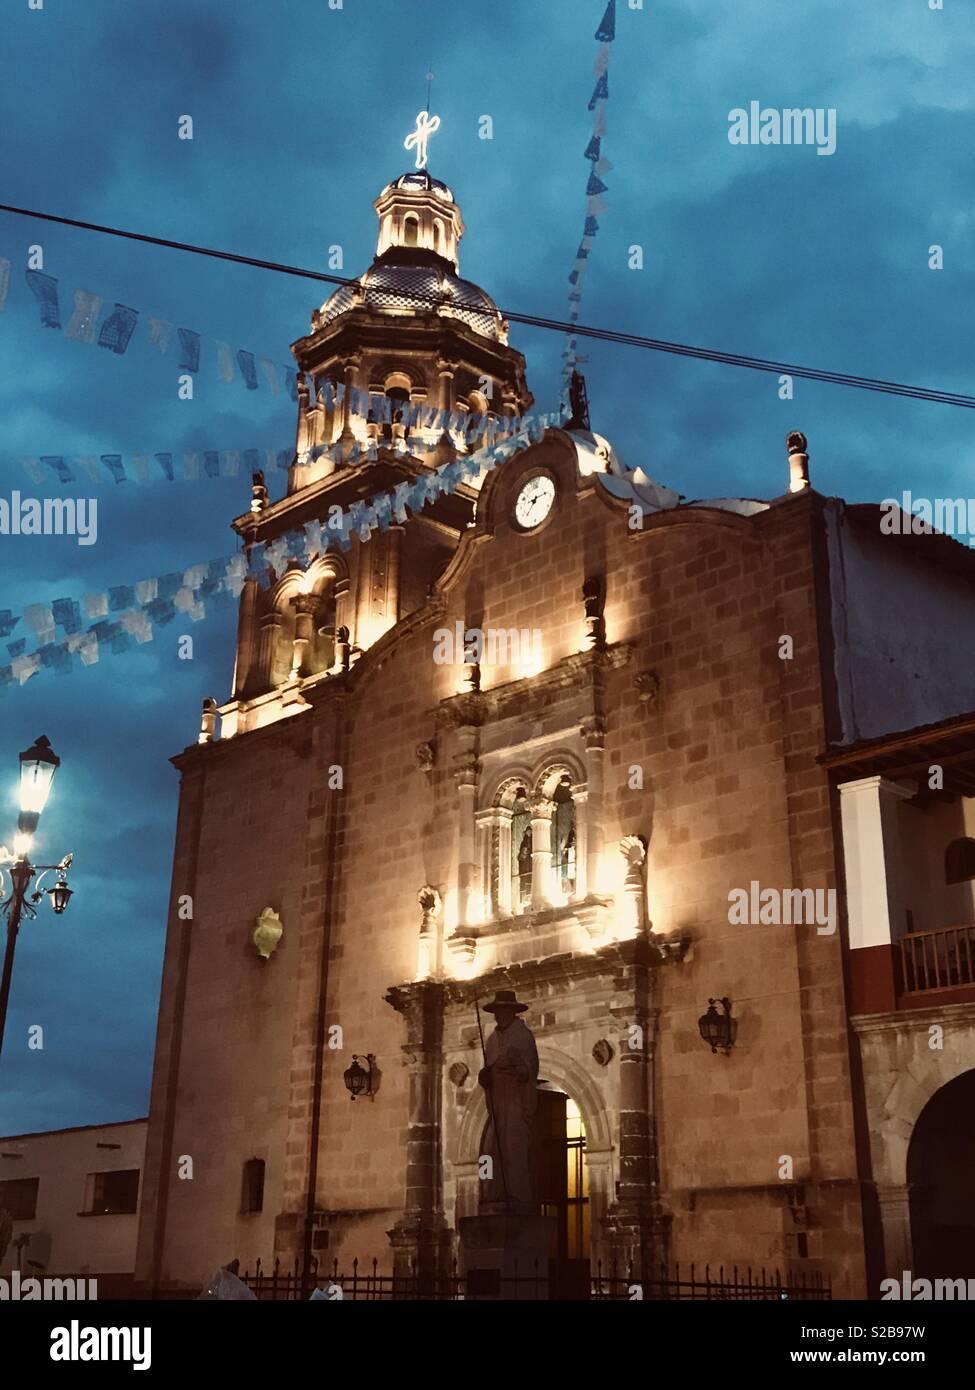 Cielo azul iglesia iluminada Immagini Stock